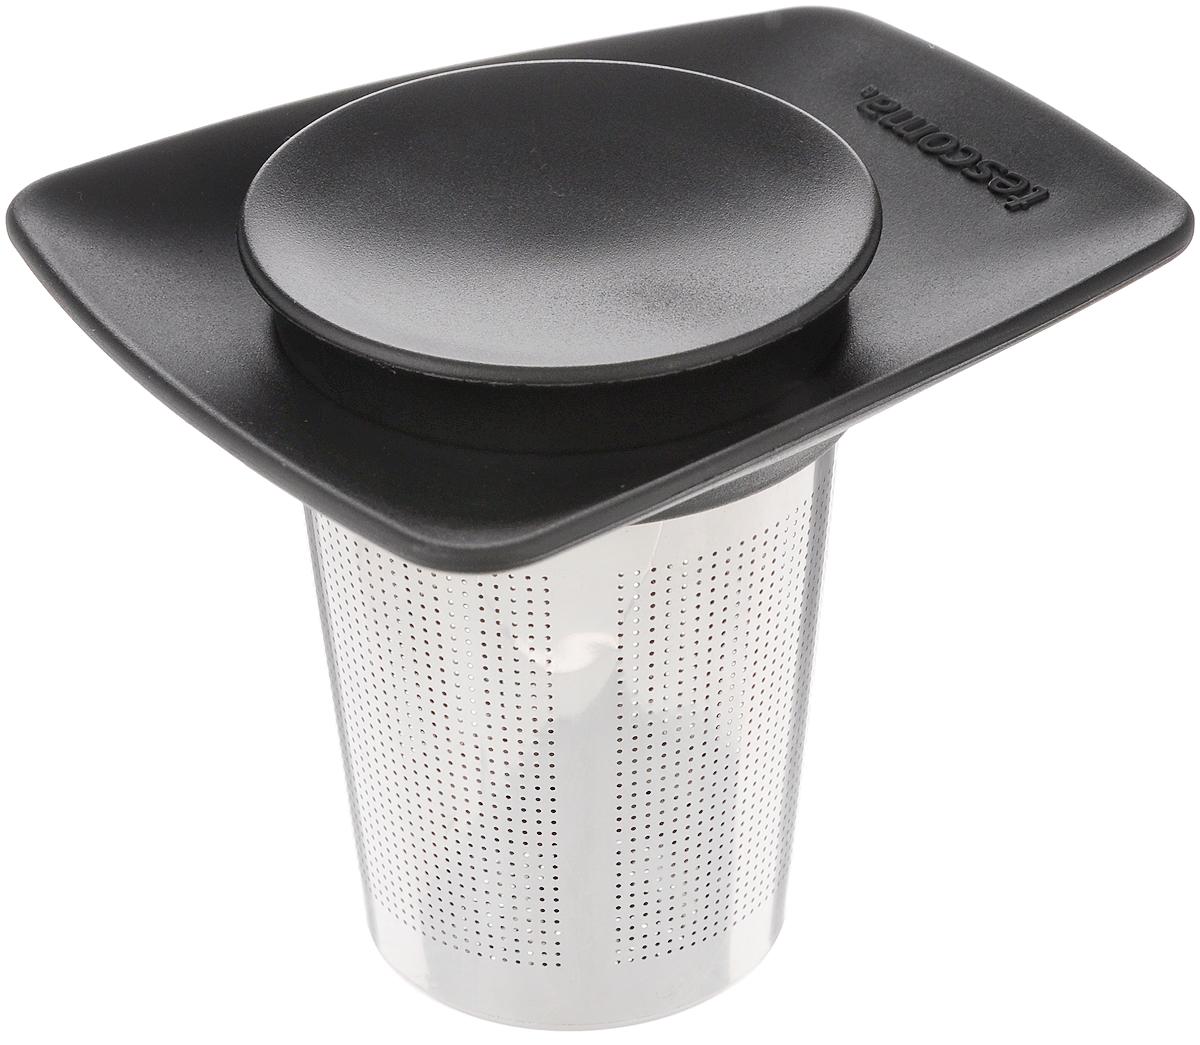 """Ситечко Tescoma """"Teo"""", выполненное из высококачественной нержавеющей стали и пластика, предназначено для заваривания чая.    Ситечко удобно в использовании, имеет современный дизайн и займет достойное место на вашей кухне. С таким ситечком очень  удобно заваривать любимый чай. Можно мыть в посудомоечной машине. Высота: 8,5 см. Диаметр рабочей части: 5,5 см."""